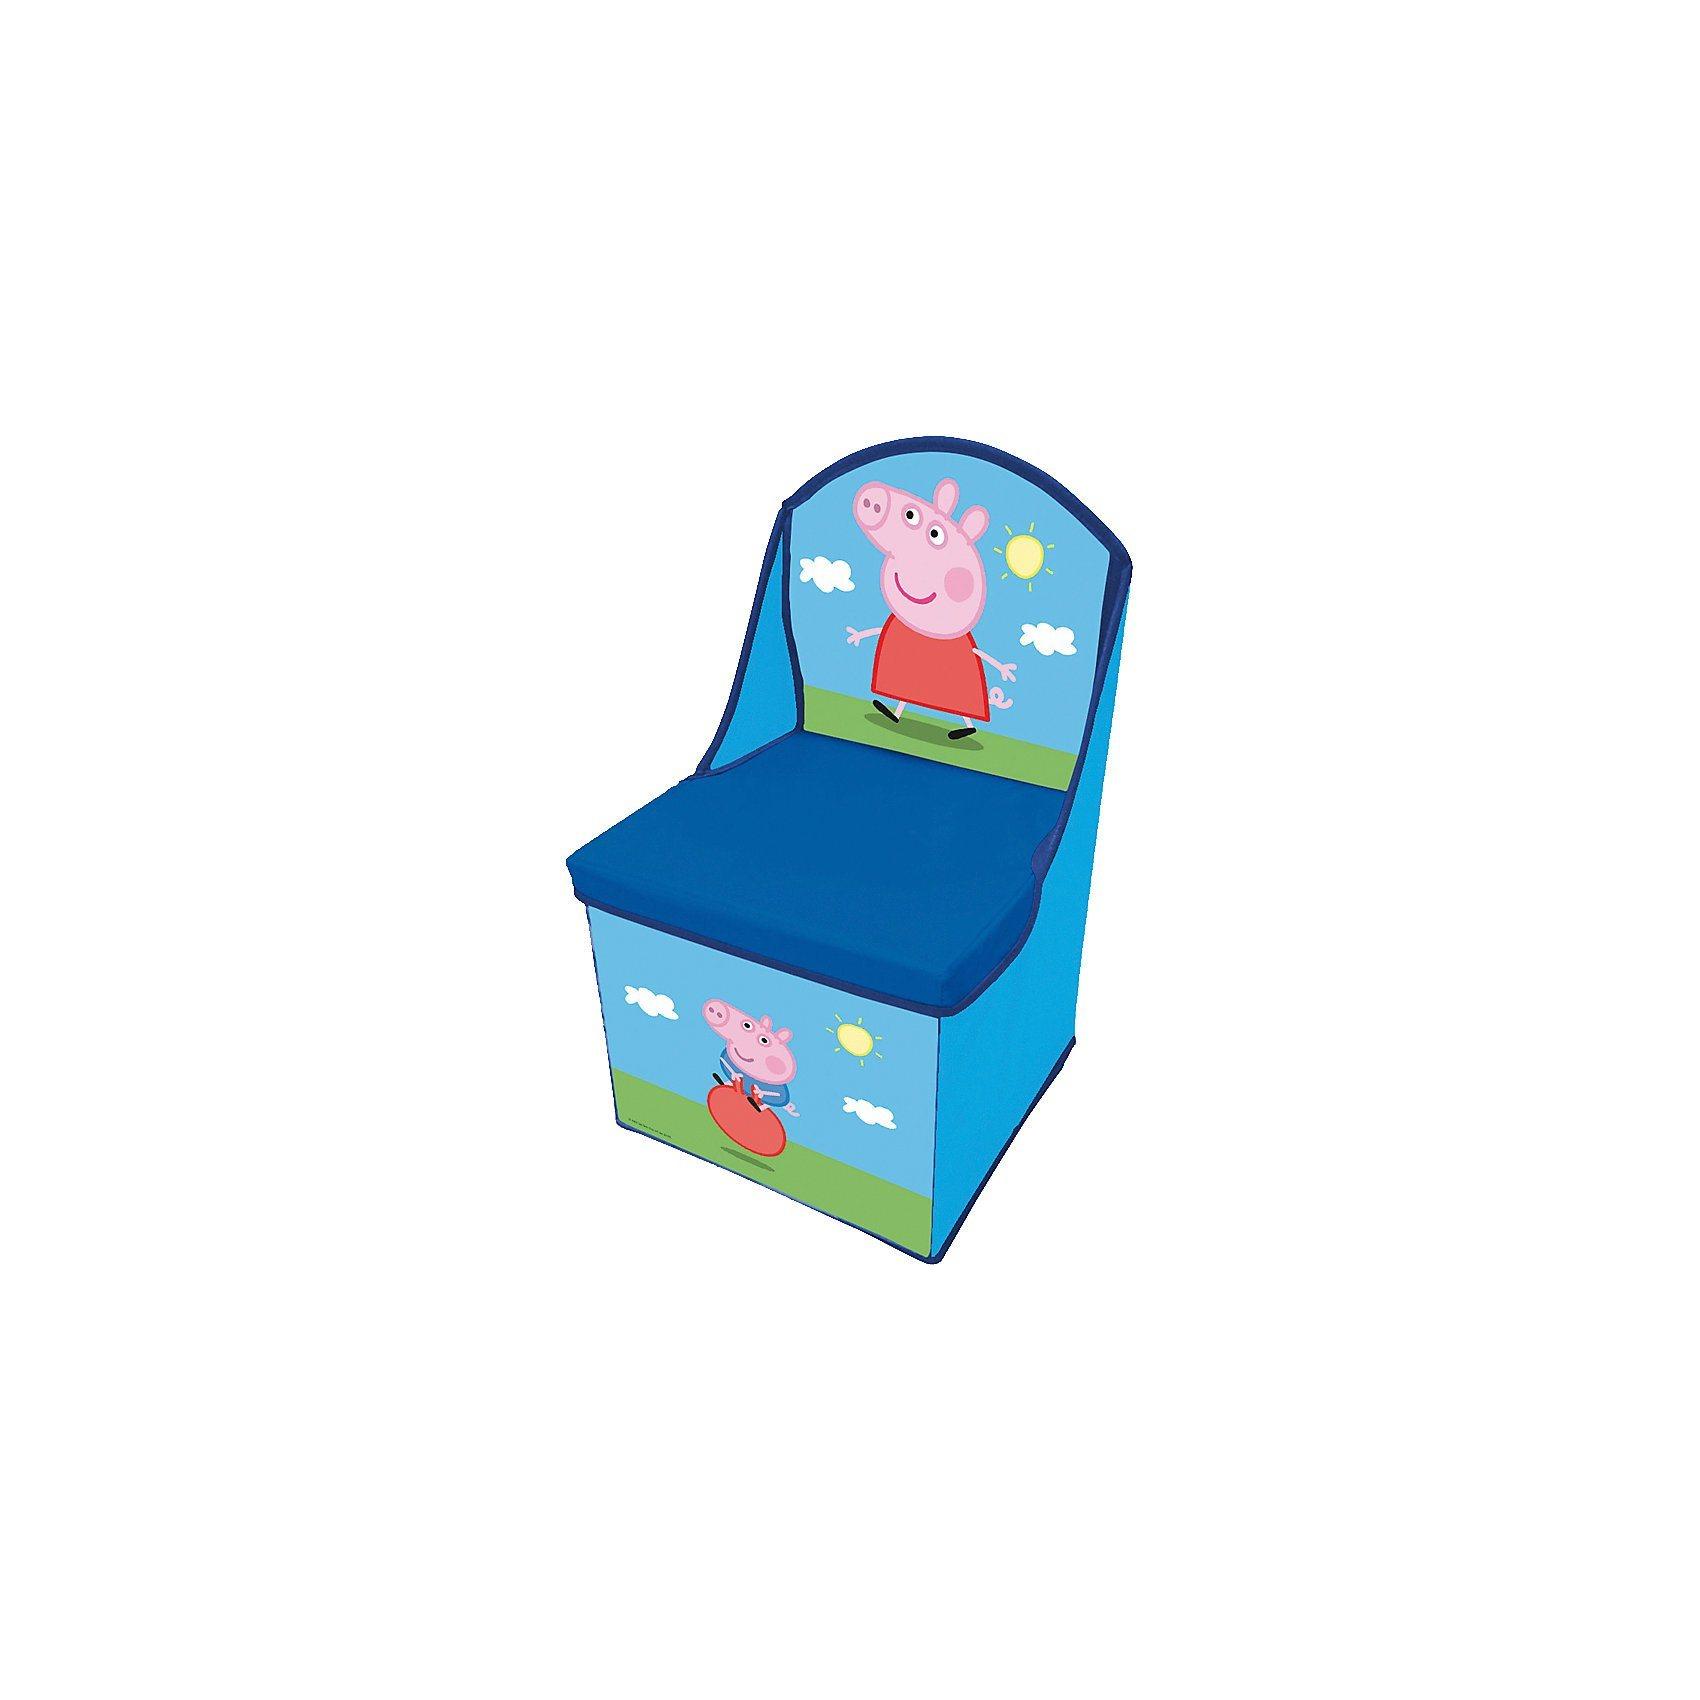 Kindersessel, Peppa Pig | Kinderzimmer > Kindersessel & Kindersofas | Polyester